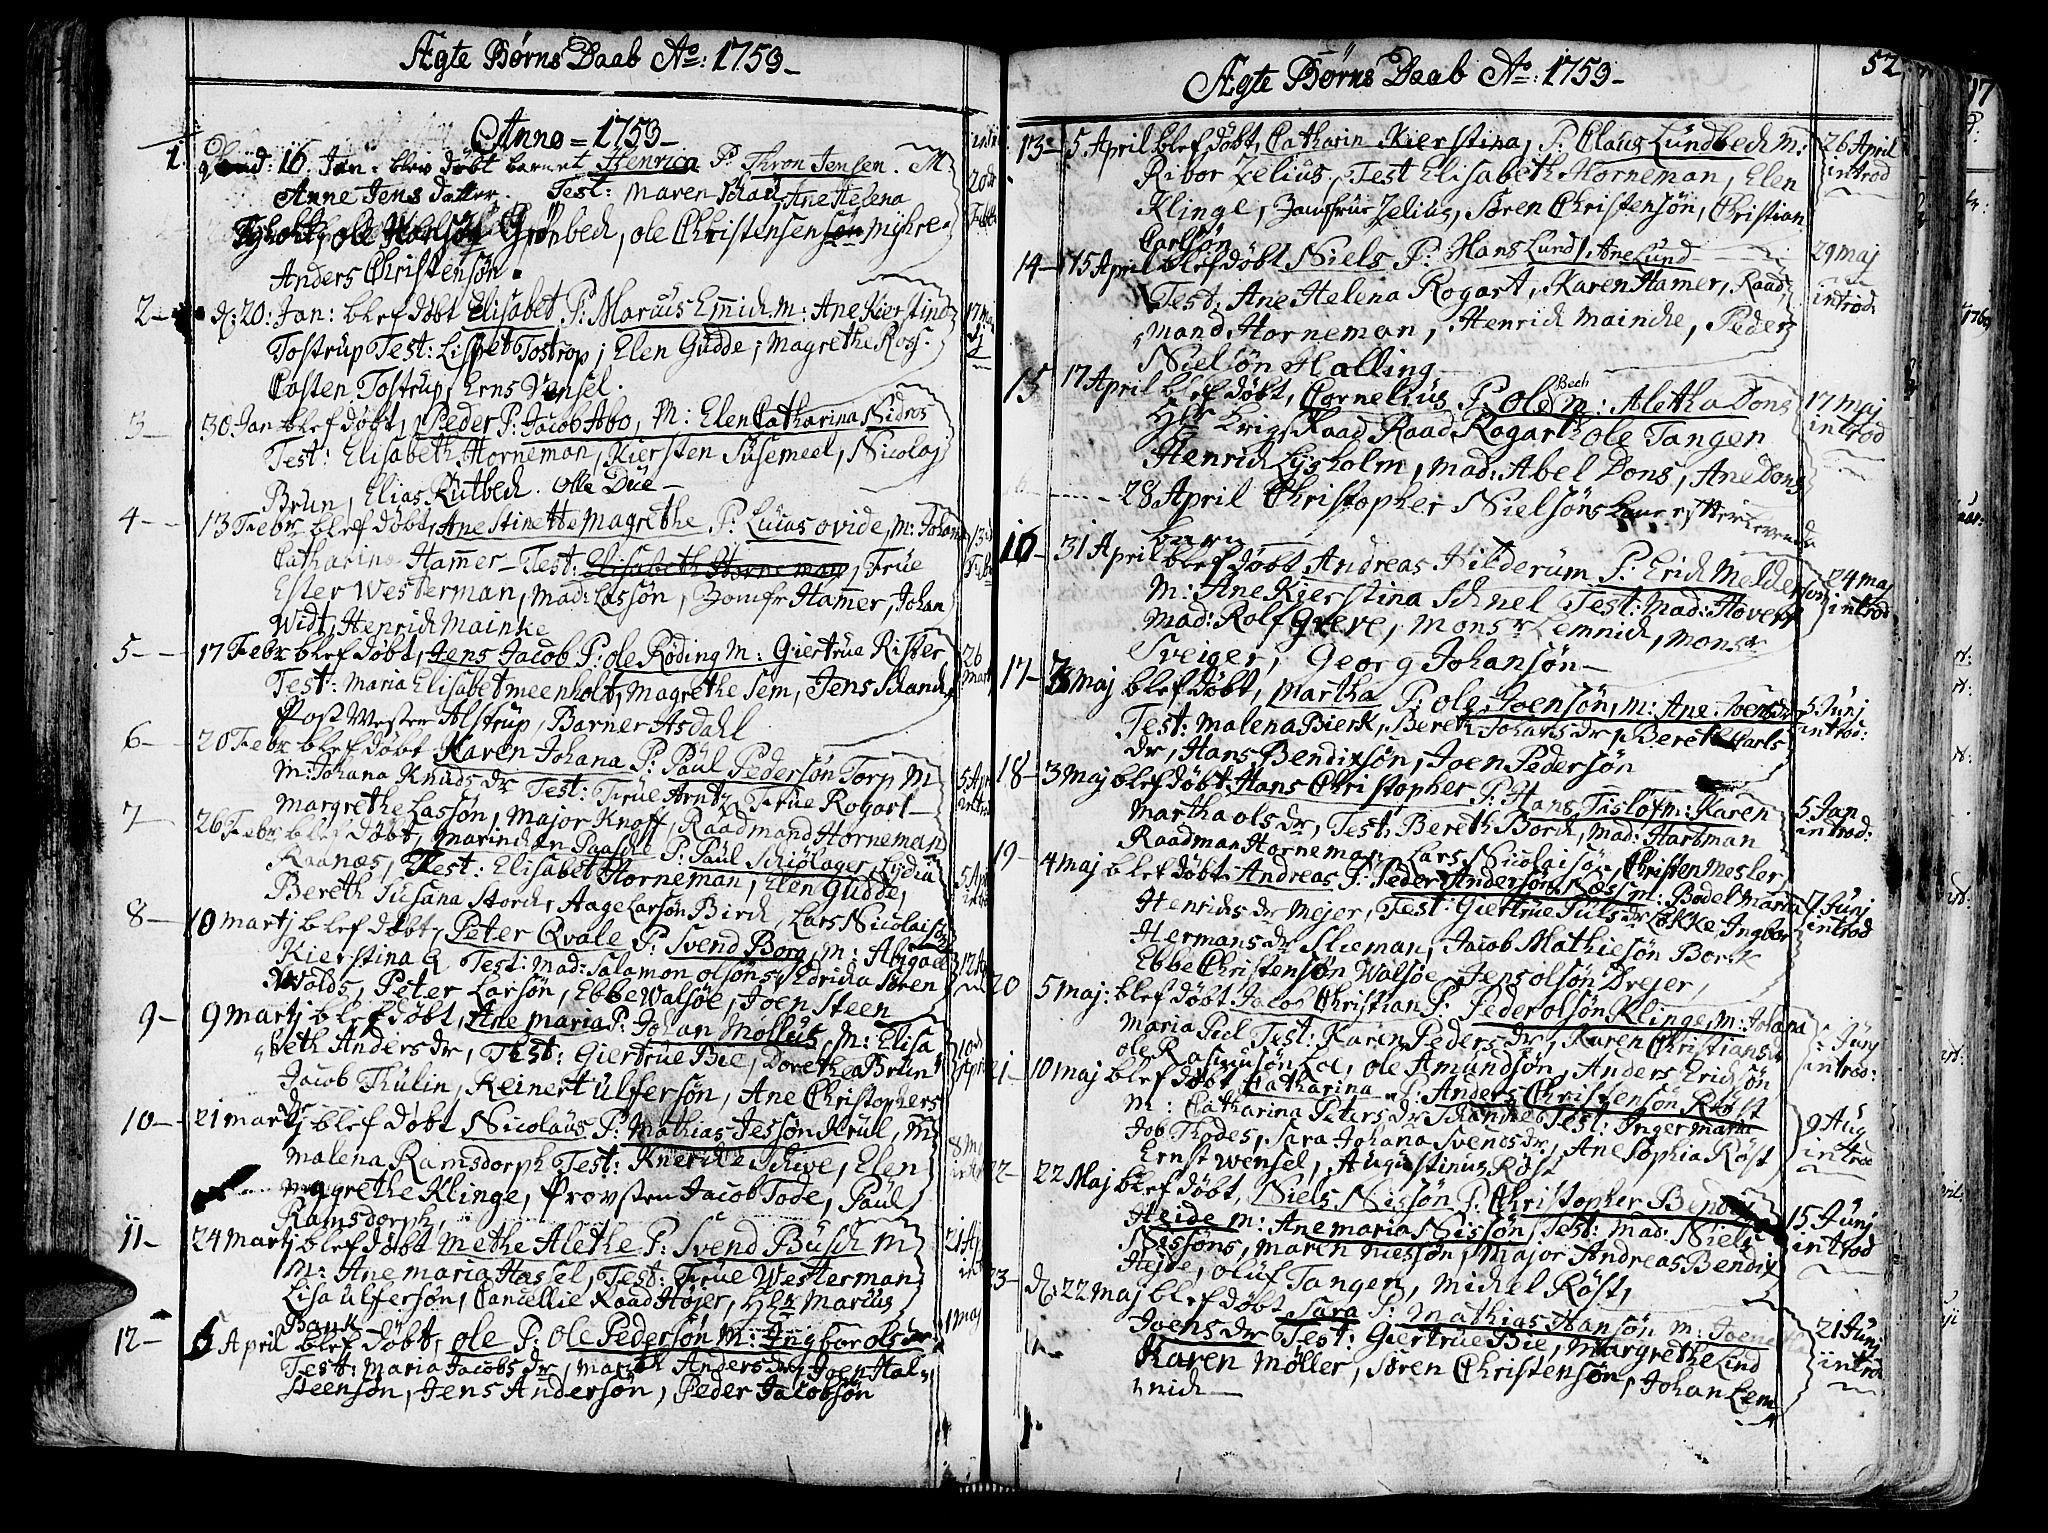 SAT, Ministerialprotokoller, klokkerbøker og fødselsregistre - Sør-Trøndelag, 602/L0103: Ministerialbok nr. 602A01, 1732-1774, s. 52